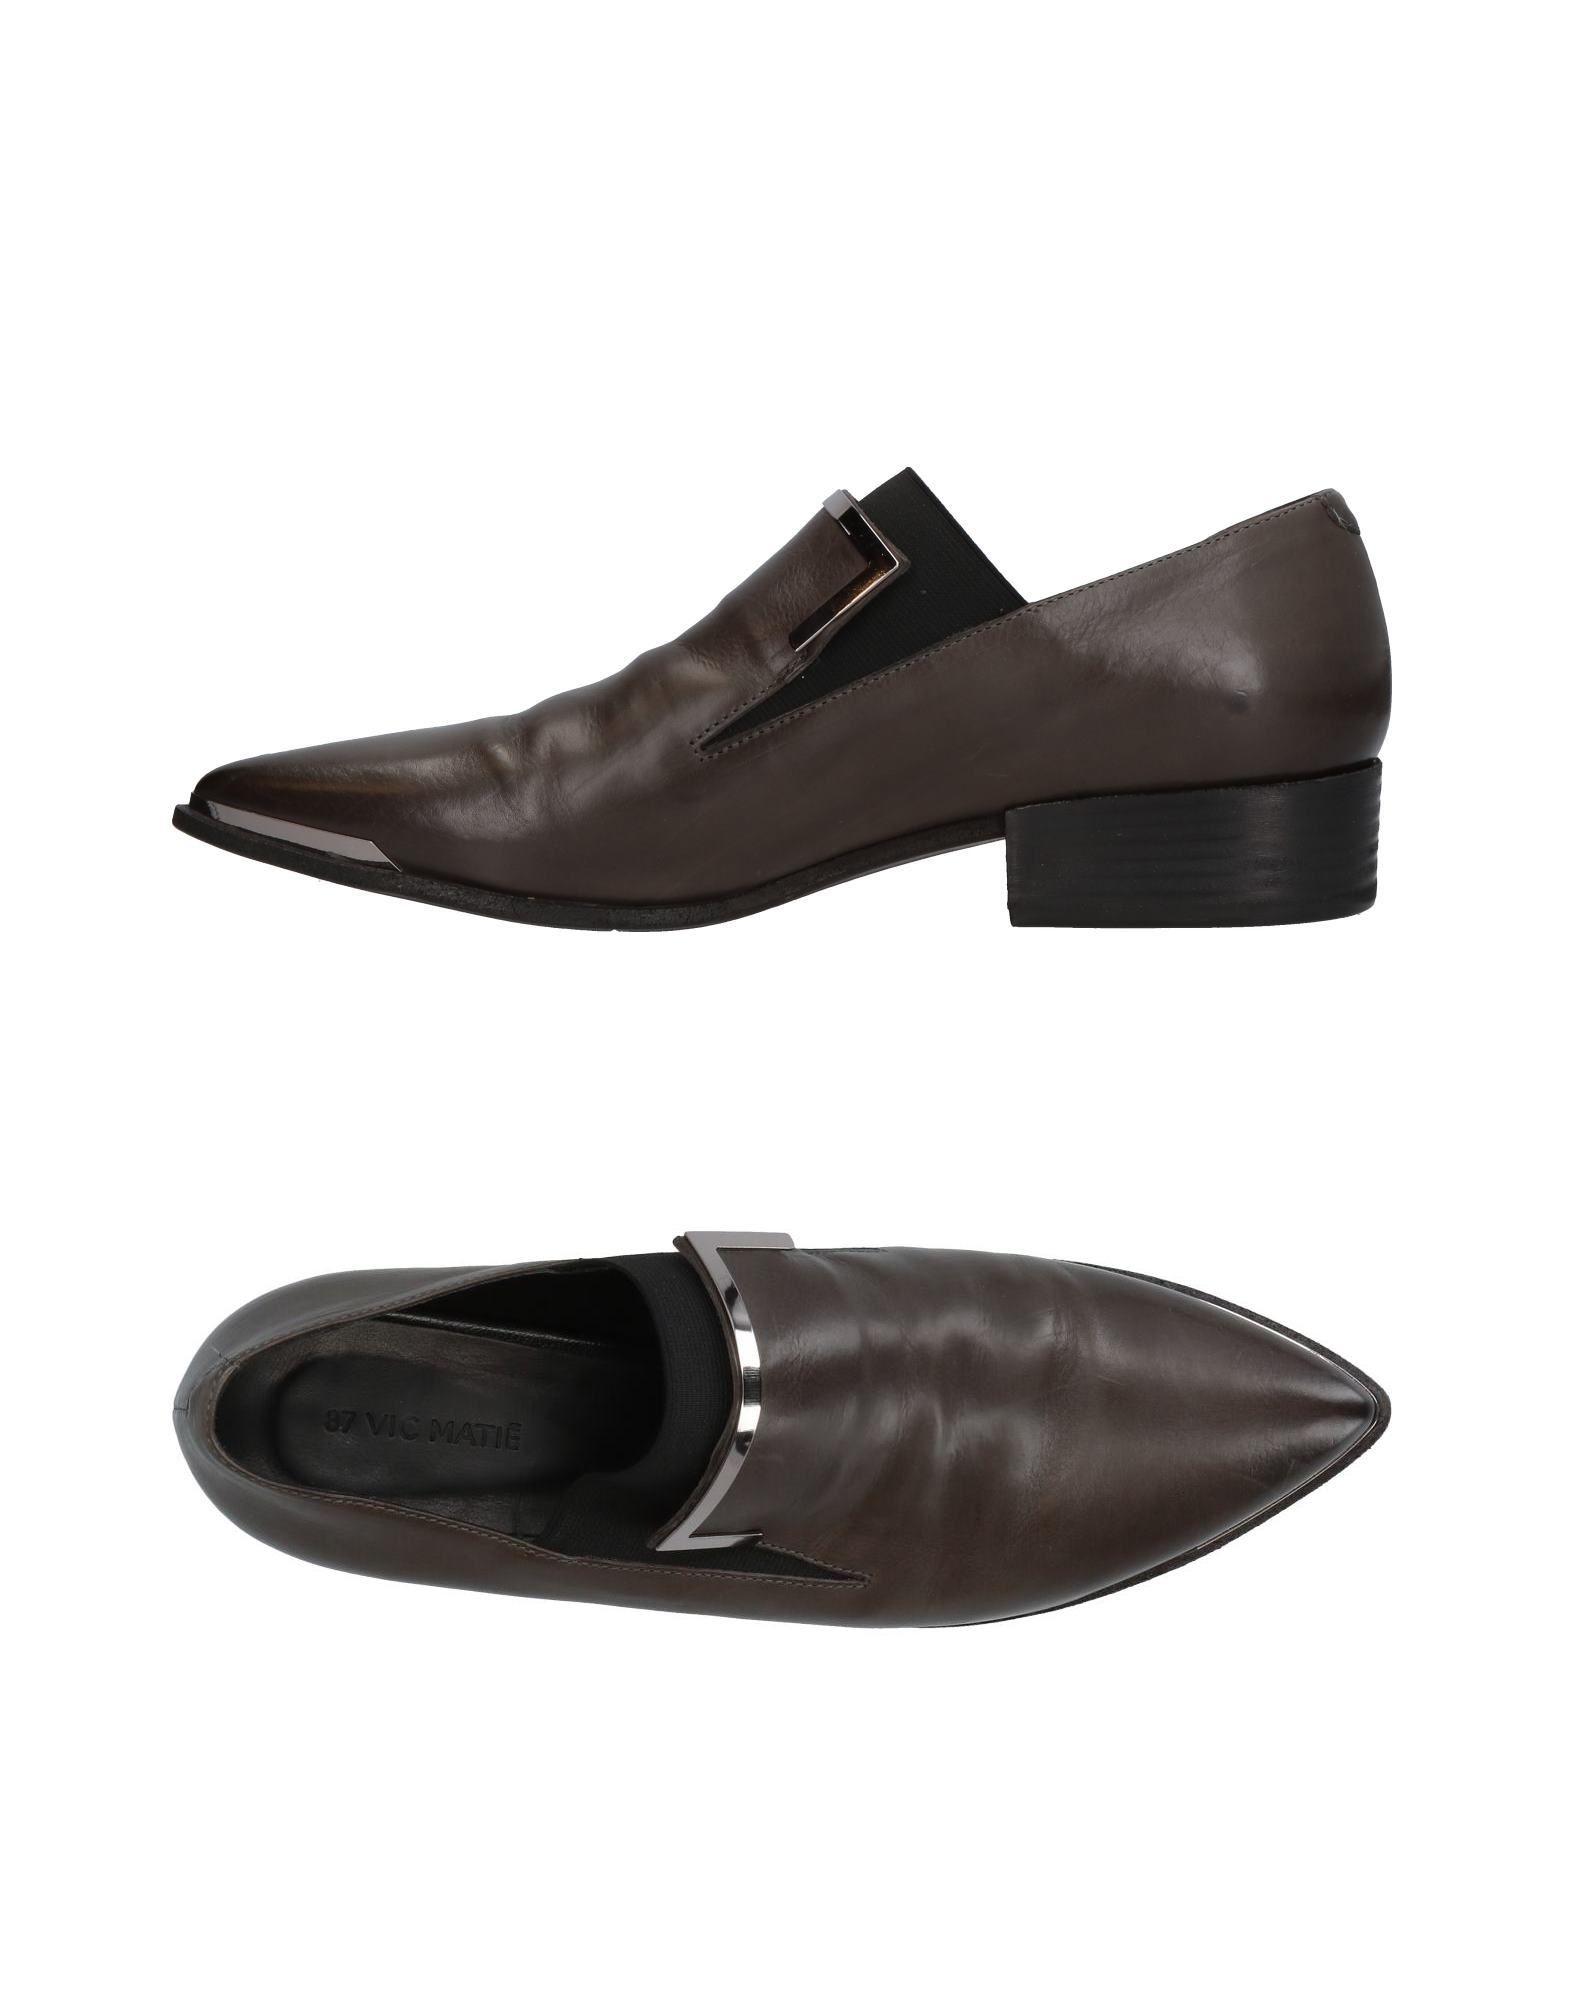 87 Vic Matiē Mokassins Damen  11342160JU Gute Qualität beliebte Schuhe